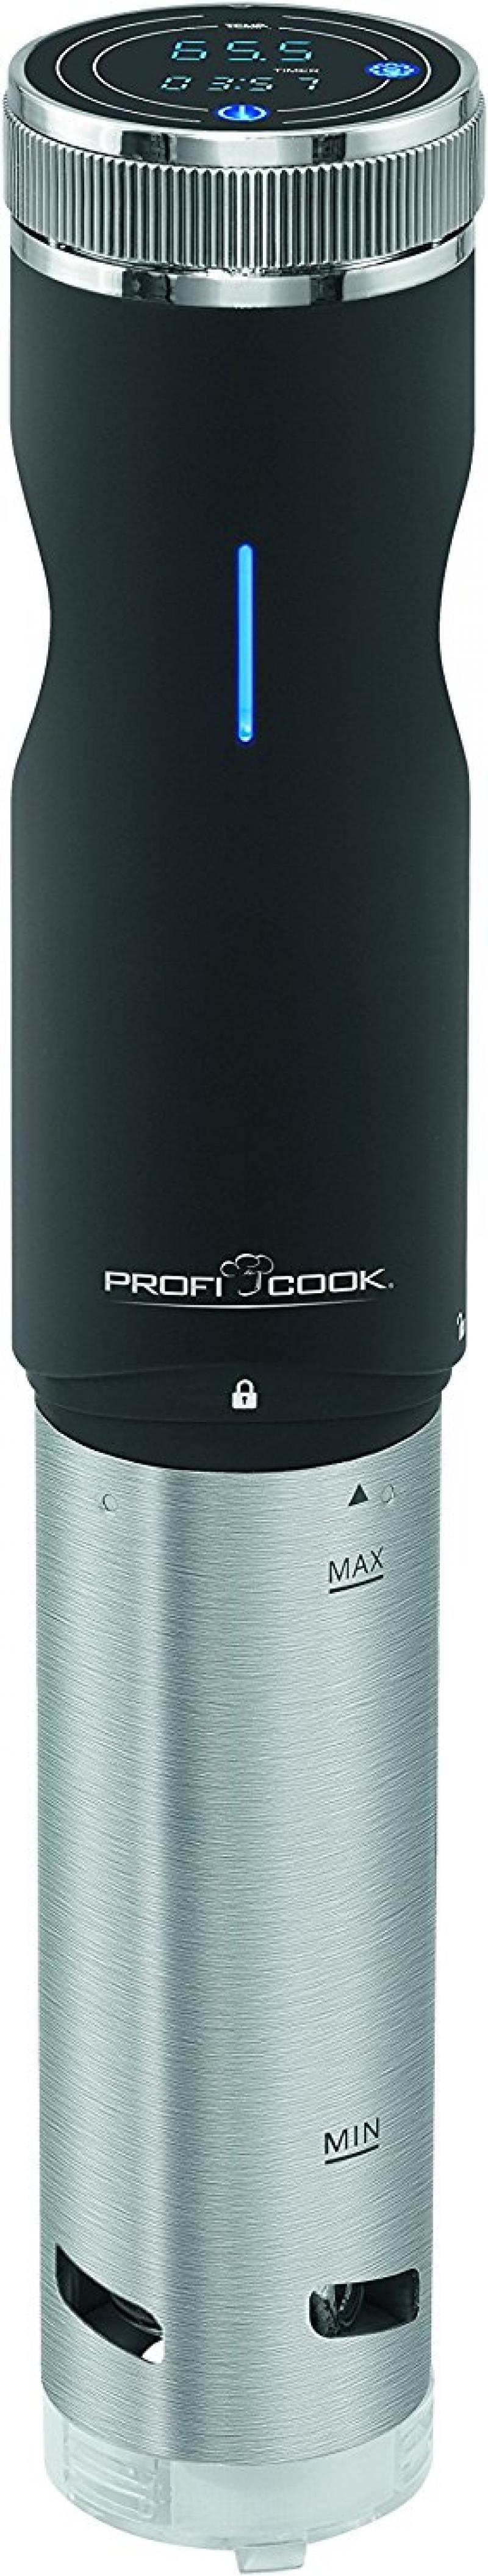 Су вид Profi Cook PC-SV 1126